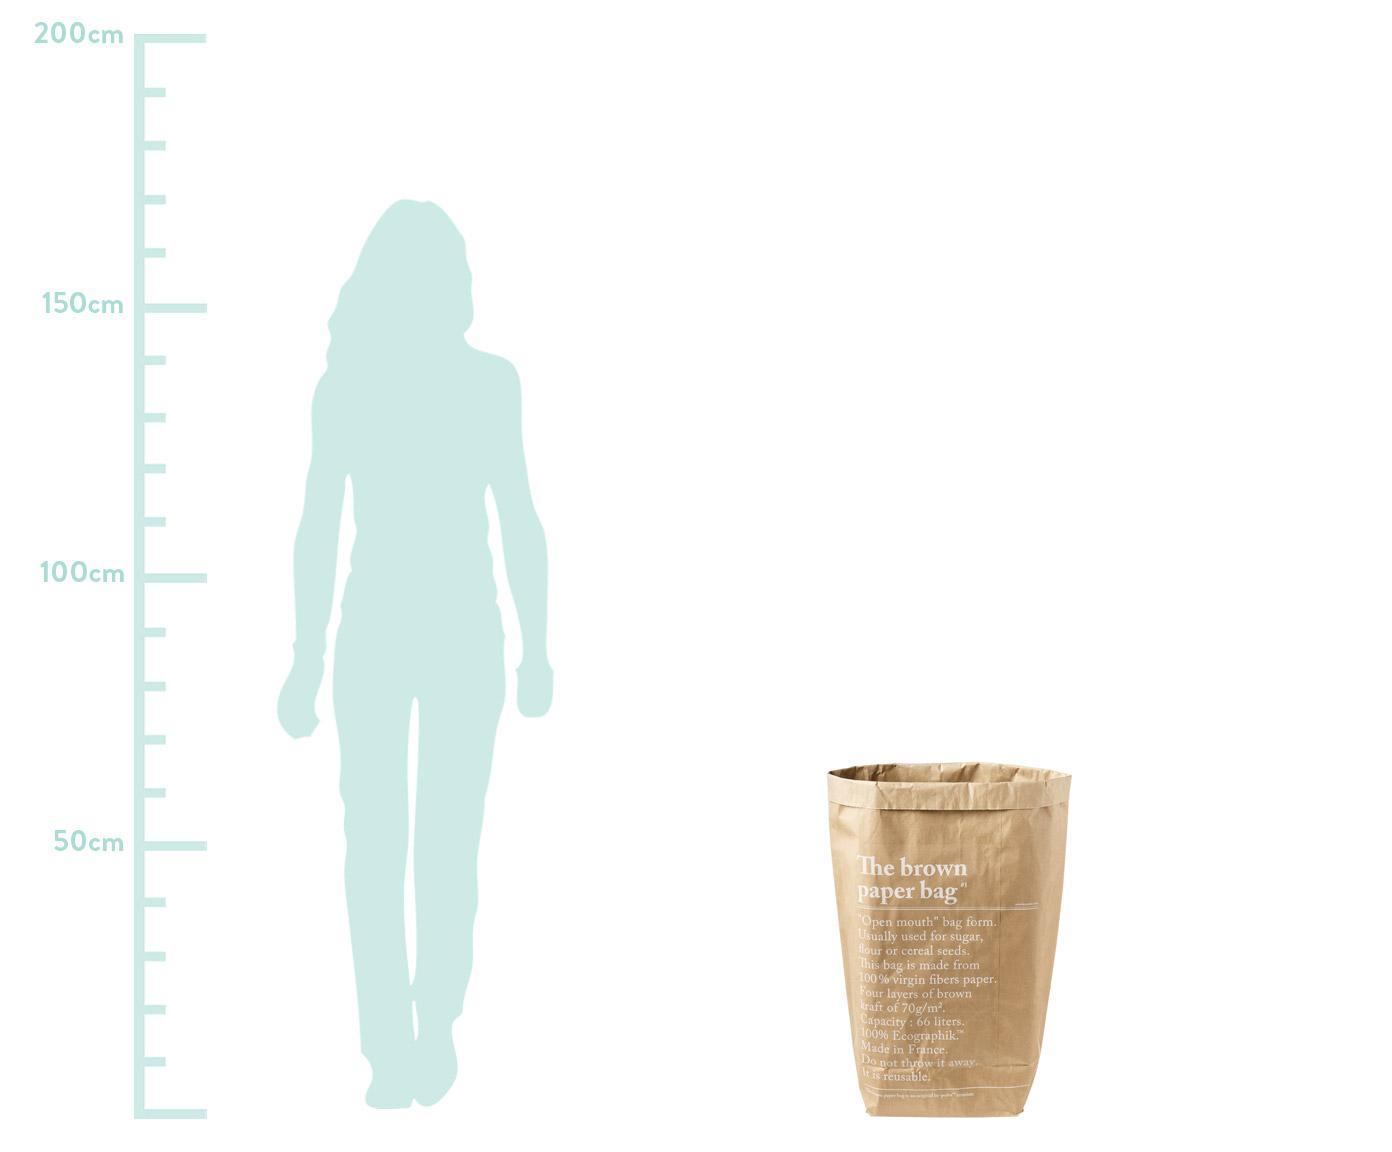 Aufbewahrungstüte Le sac en kraft brun, Frischfaserpapier, Braun, 50 x 69 cm